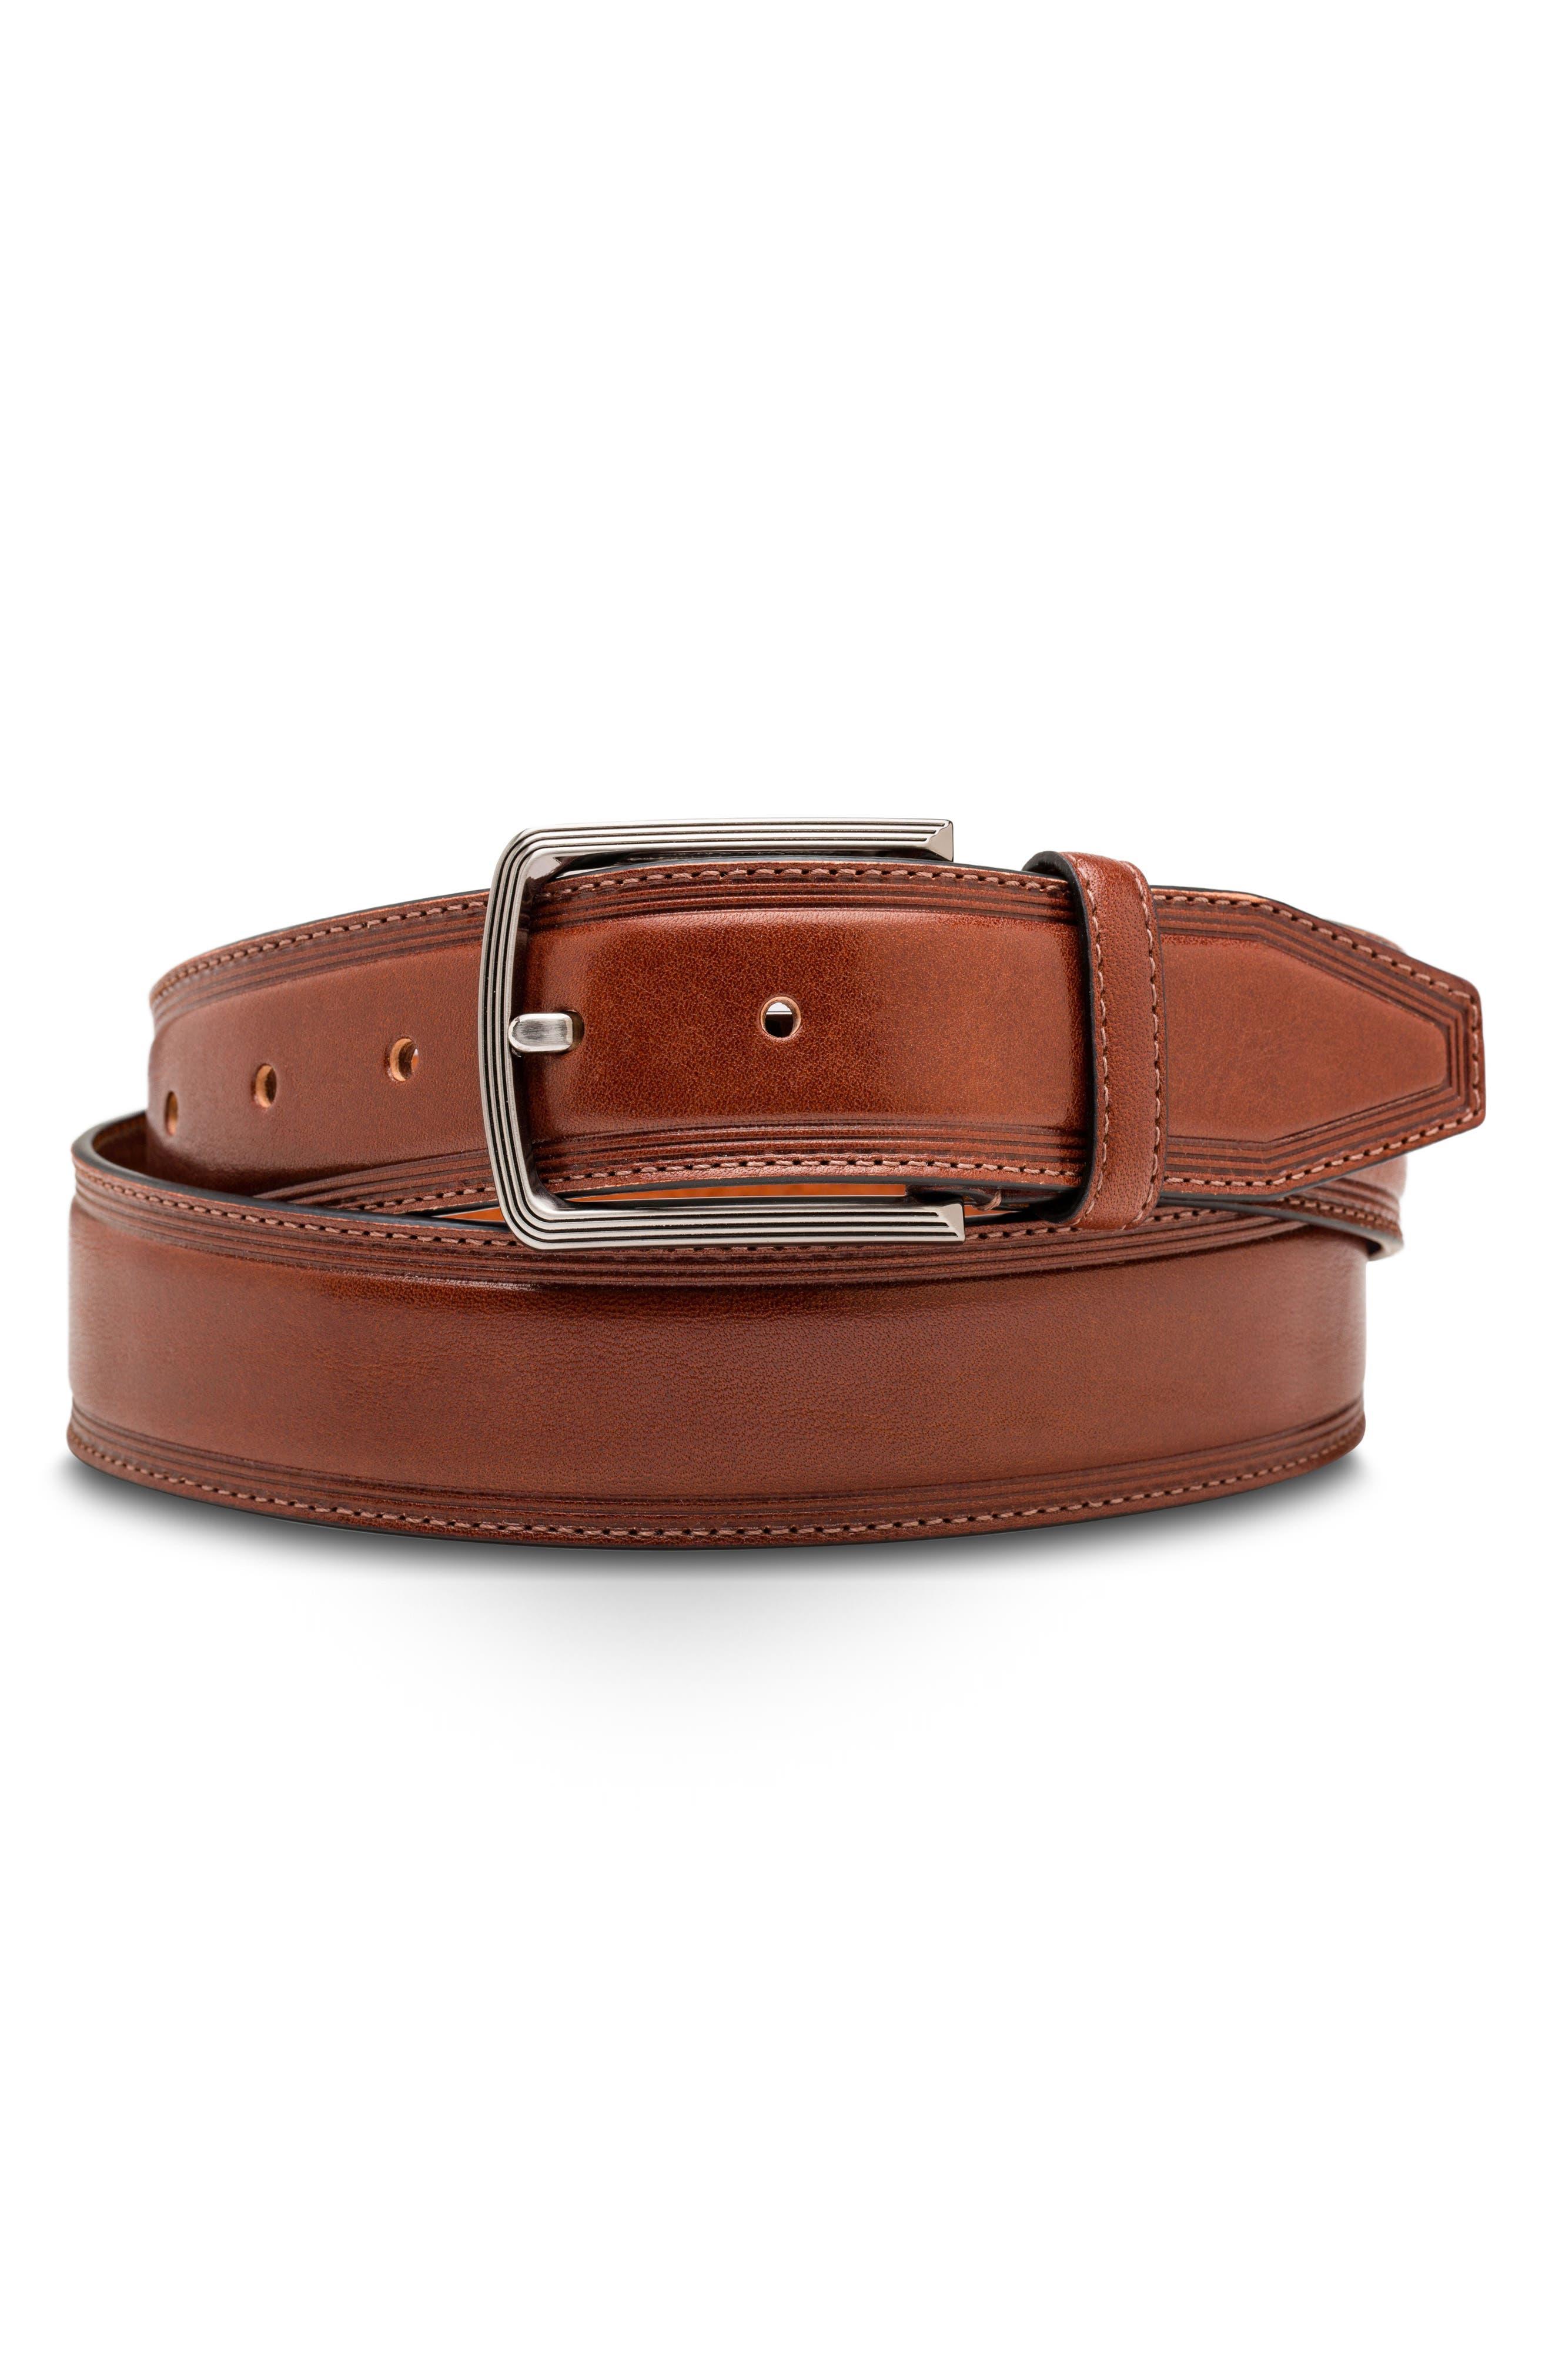 Sorento Leather Belt